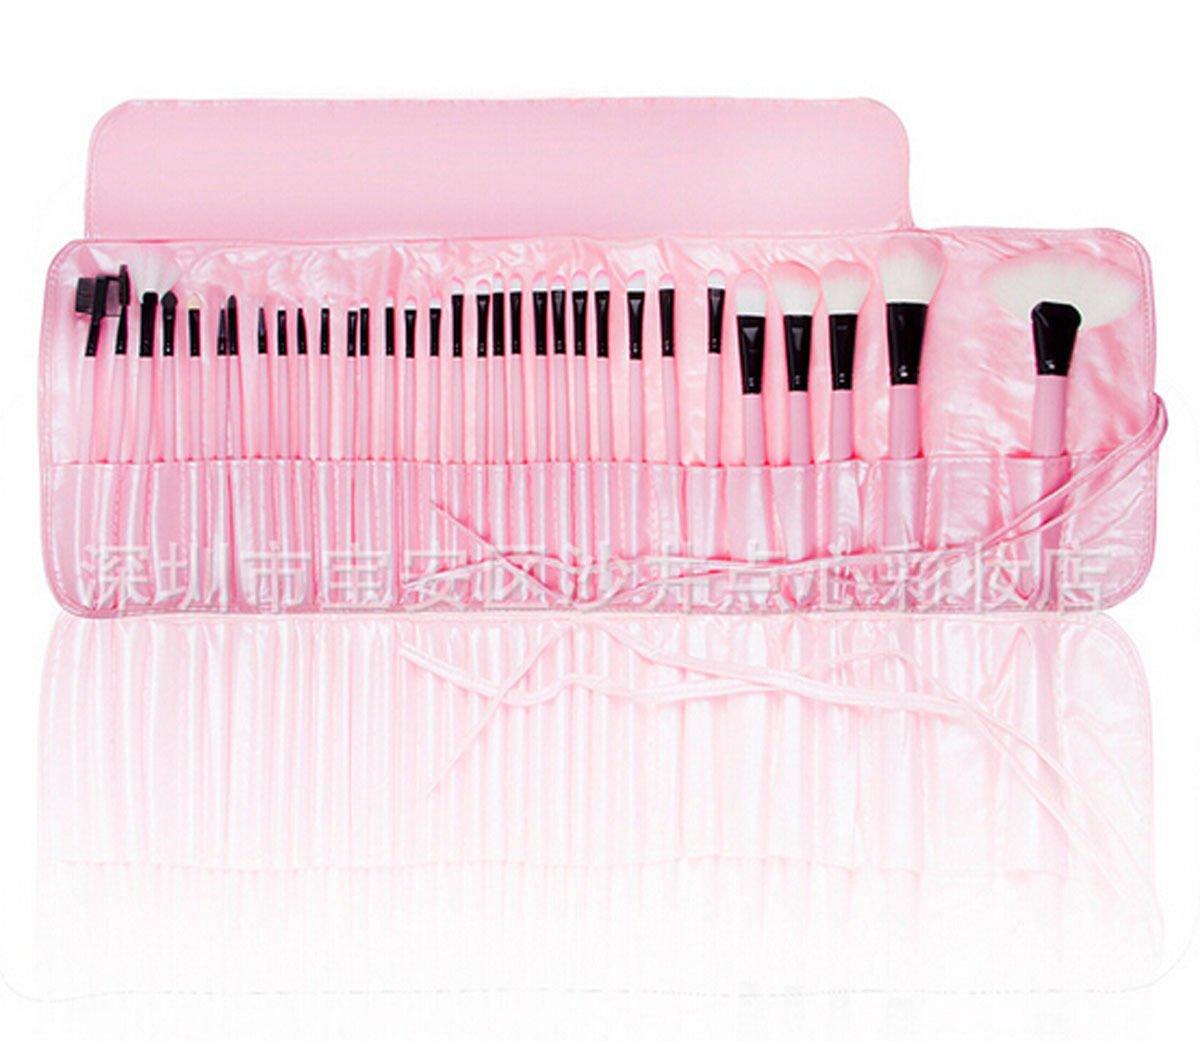 LyDia - Astuccio con 32 pennelli da trucco professionali, con custodia, colore rosa LyDia Beauty 32pcs pink